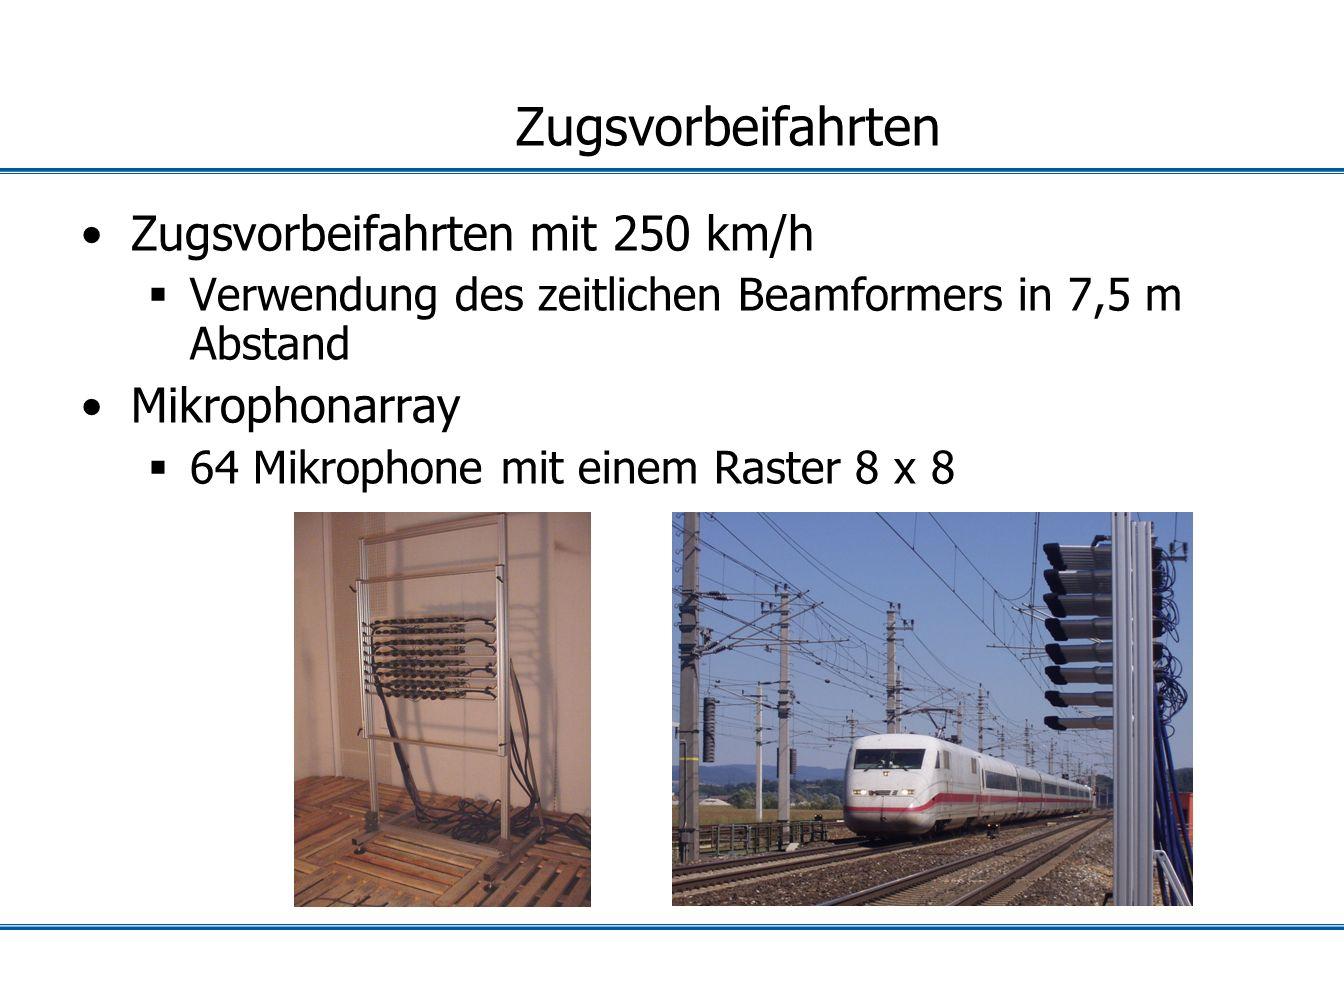 Zugsvorbeifahrten Zugsvorbeifahrten mit 250 km/h Mikrophonarray